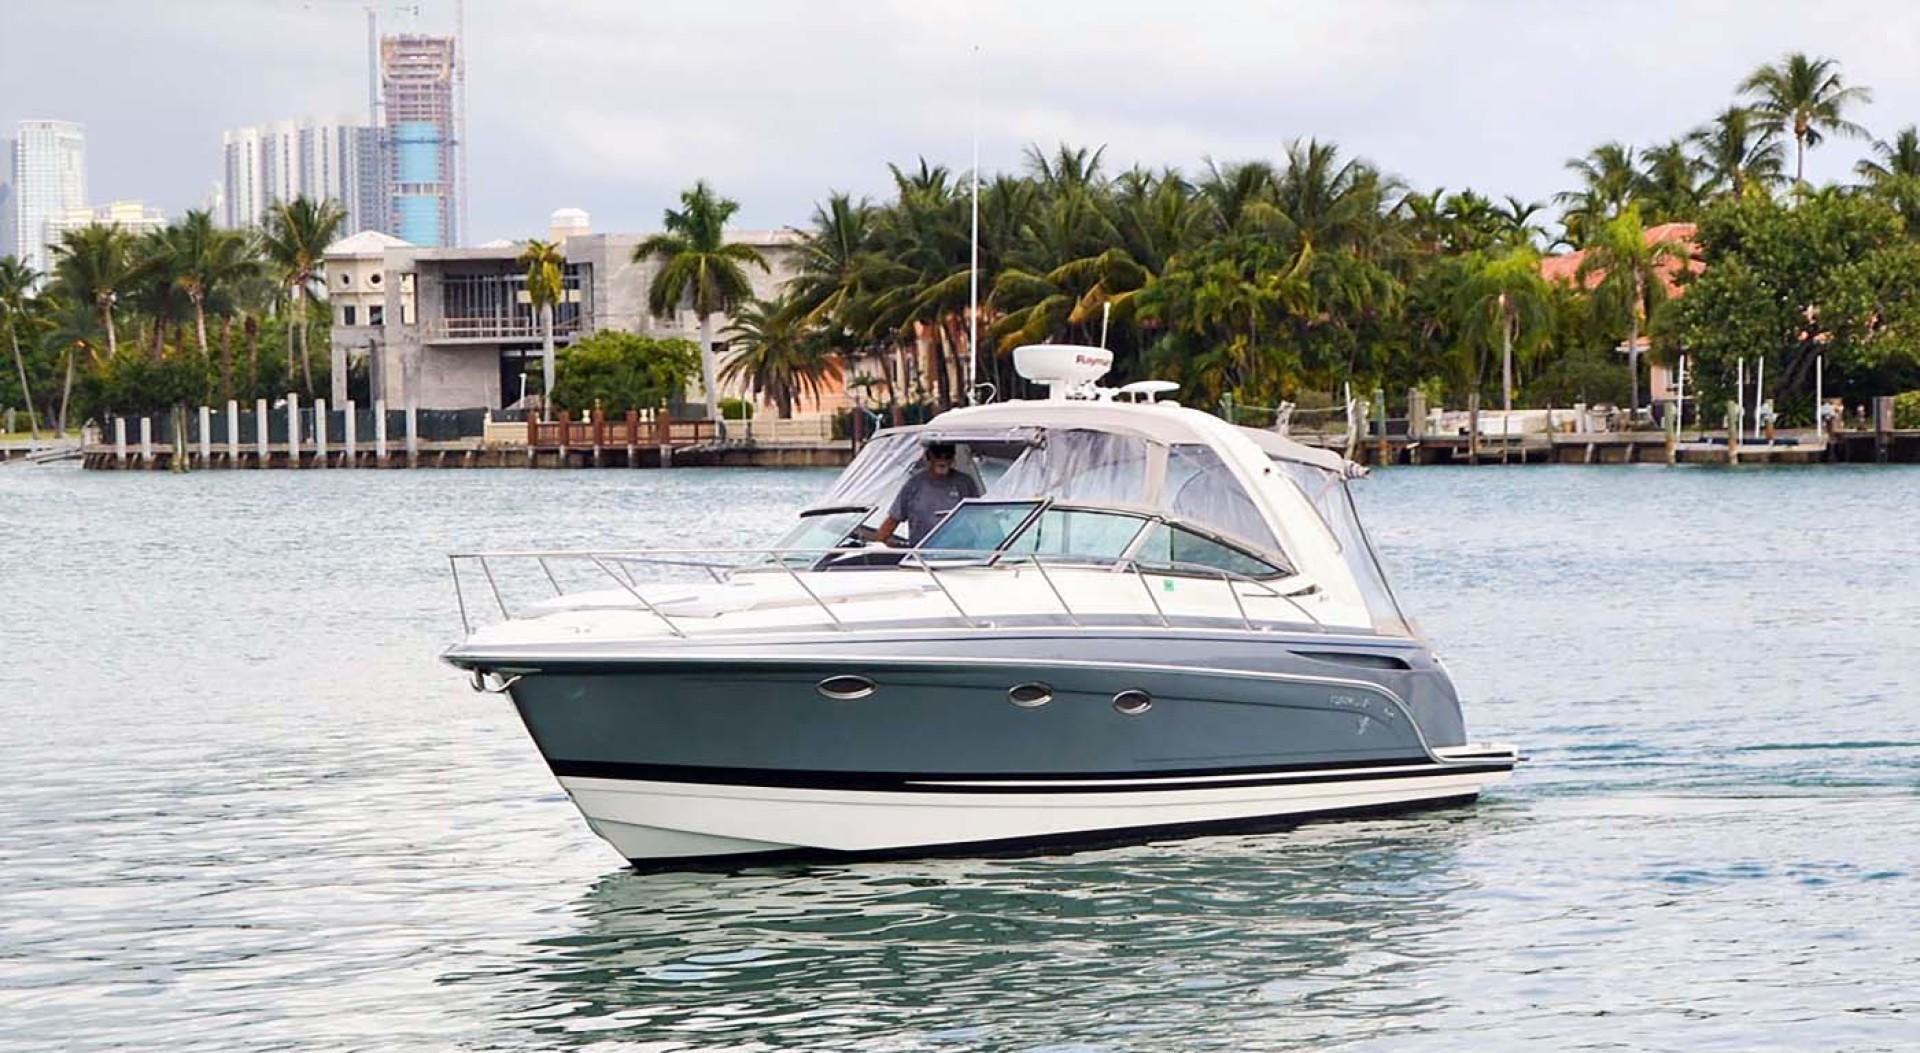 Formula-31-PC-2018-Harmony-II-Bay-Harbor-Islands-Florida-United-States-Port-Bow-1086524